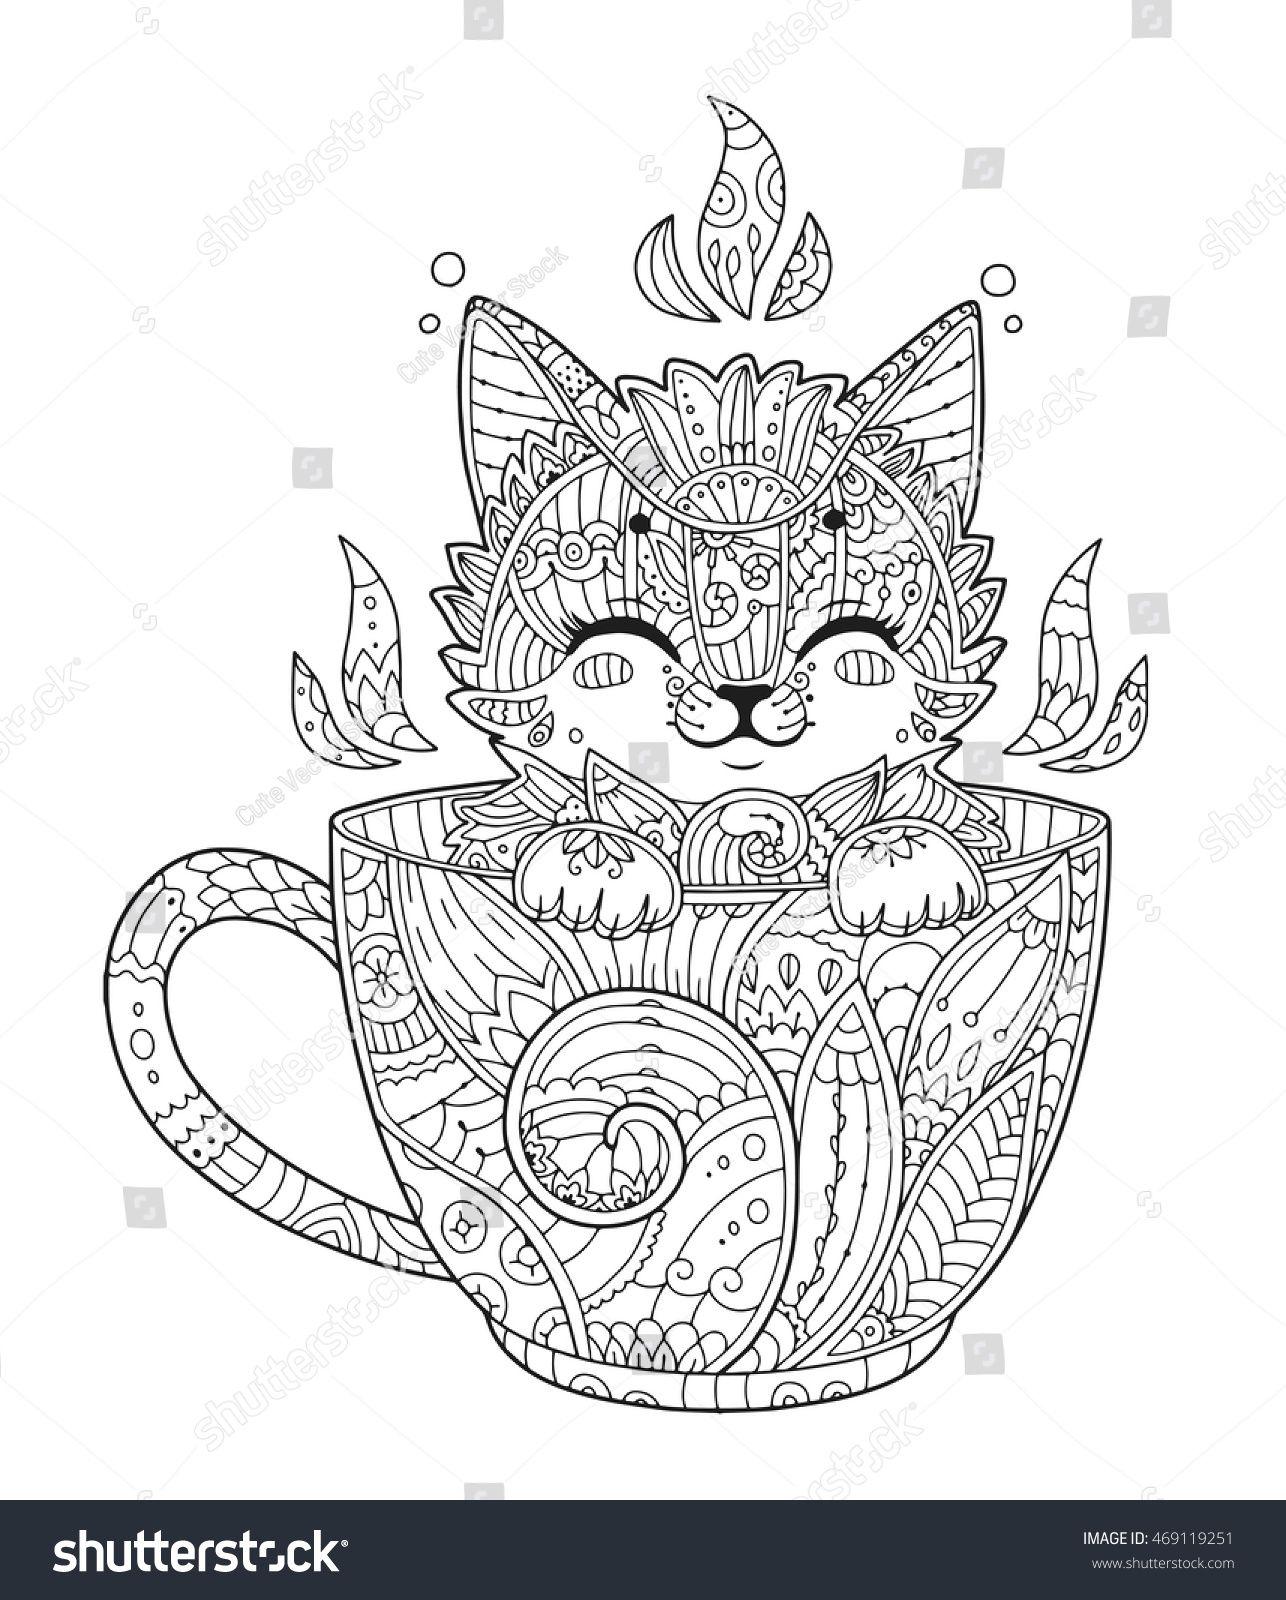 Kätzchen in Tasse. Erwachsenenfarbseite mit Katze Stock-Vektorgrafik (Lizenzfrei) 469119251